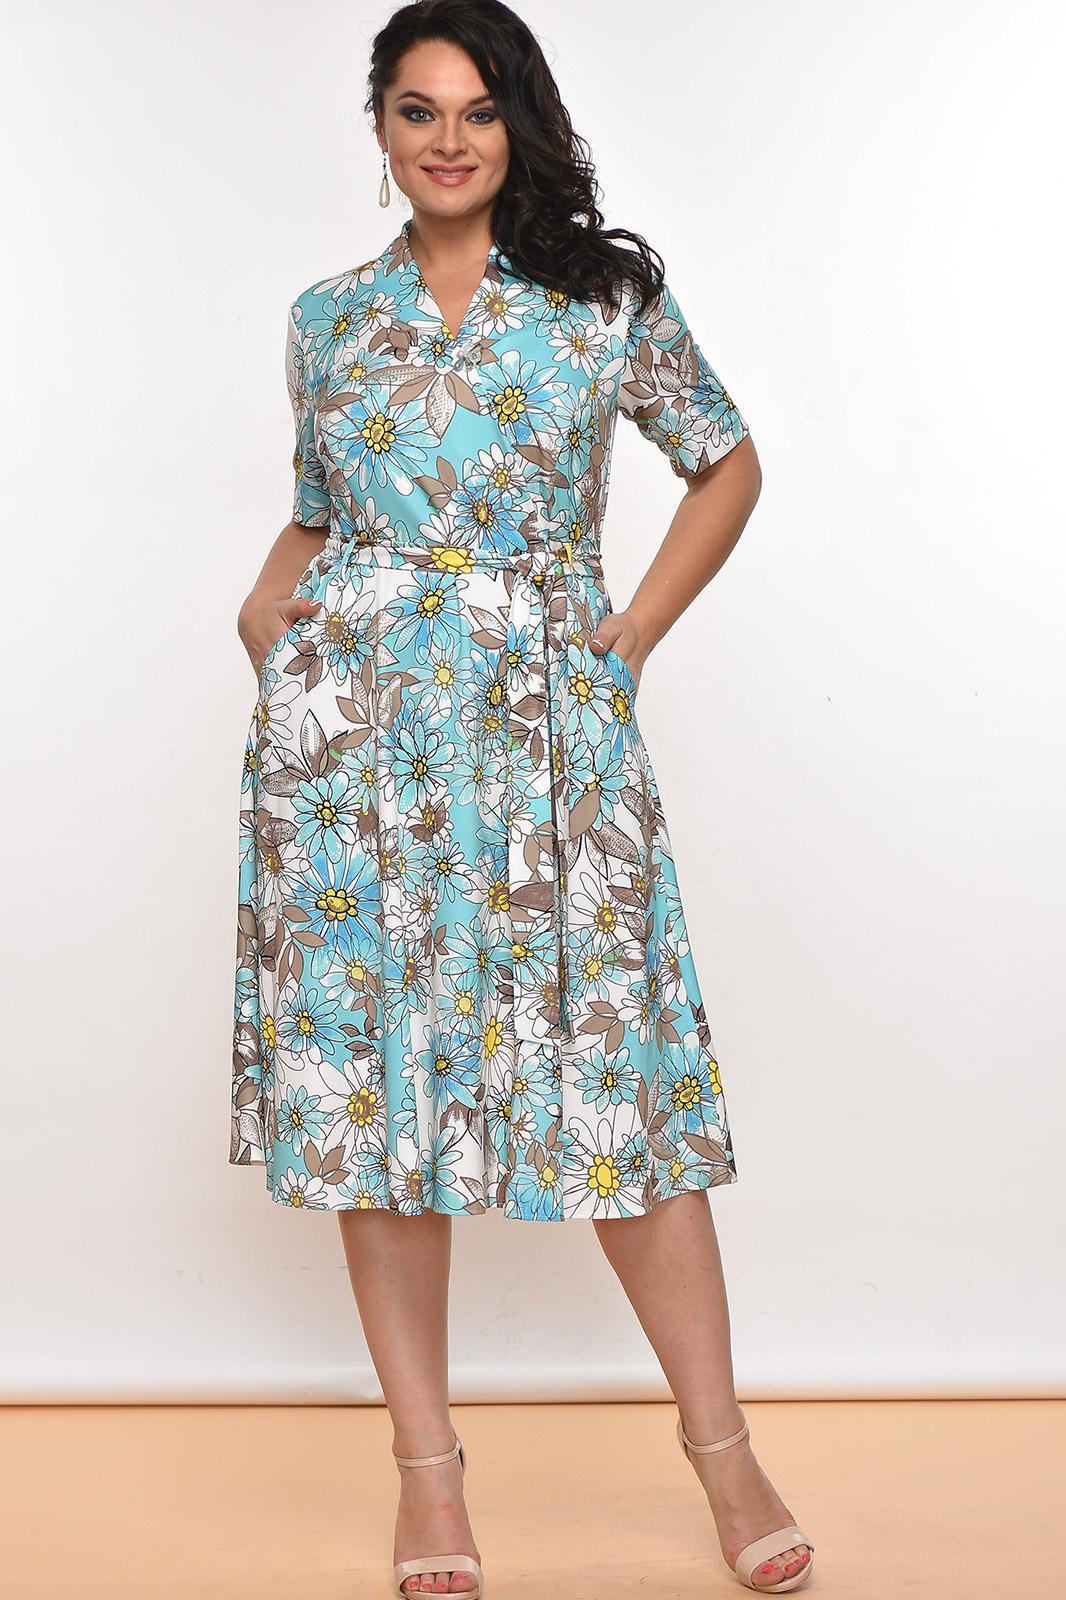 Купить Платье Lady Style Classic, 1533 Мятный+зеленый+цветы, Беларусь